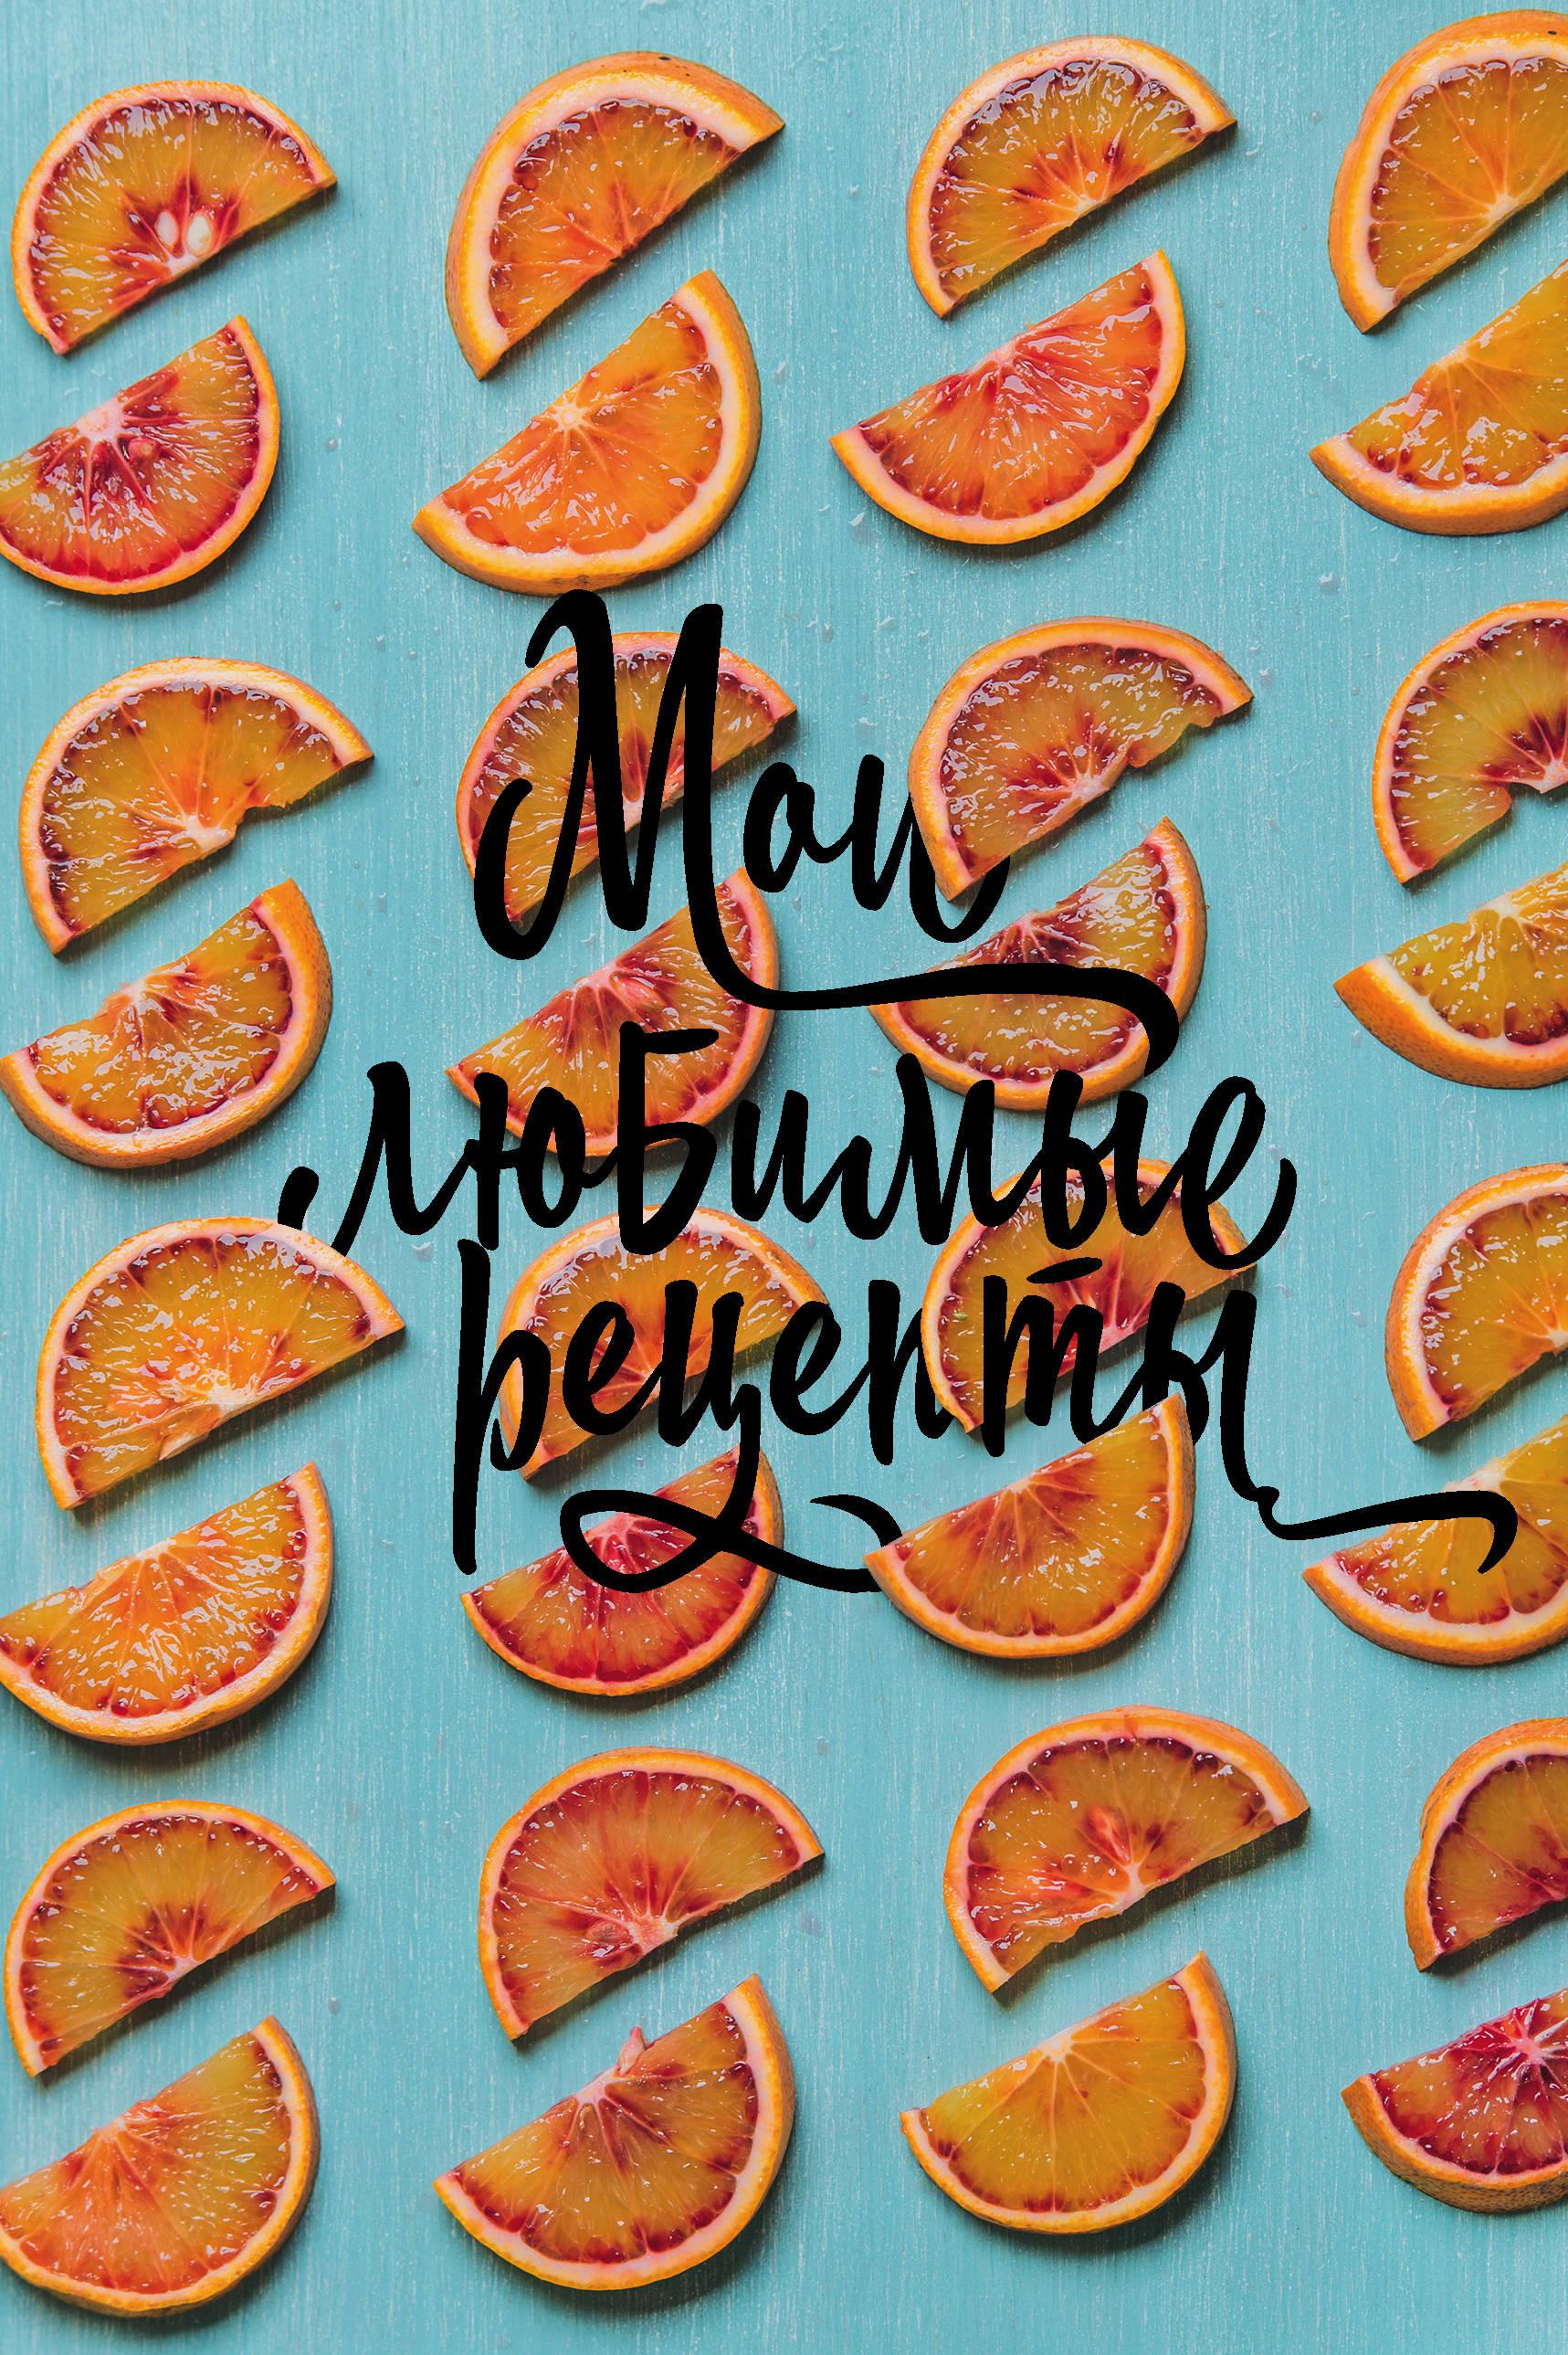 Мои любимые рецепты. Книга для записи рецептов. Апельсиновые дольки книги эксмо мои любимые рецепты книга для записи рецептов яркие перчики